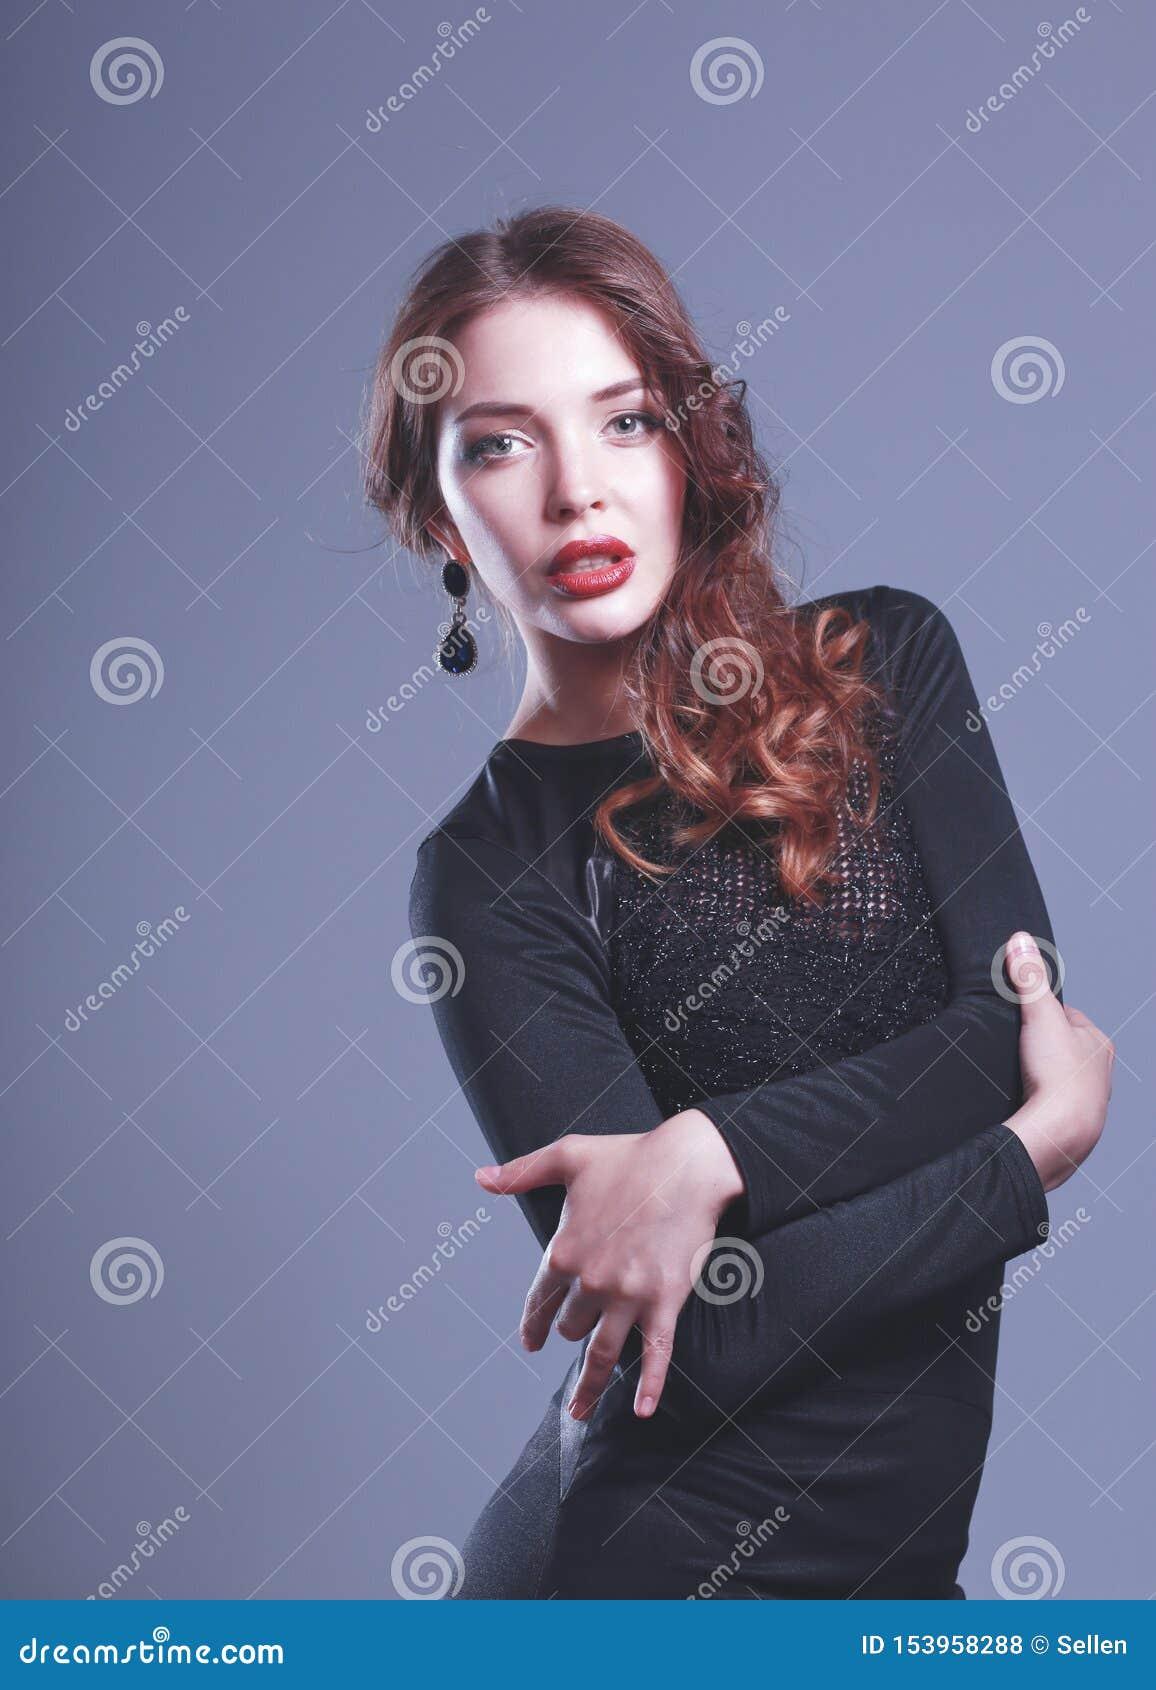 Портрет счастливой молодой женщины в черном платье на серой предпосылке